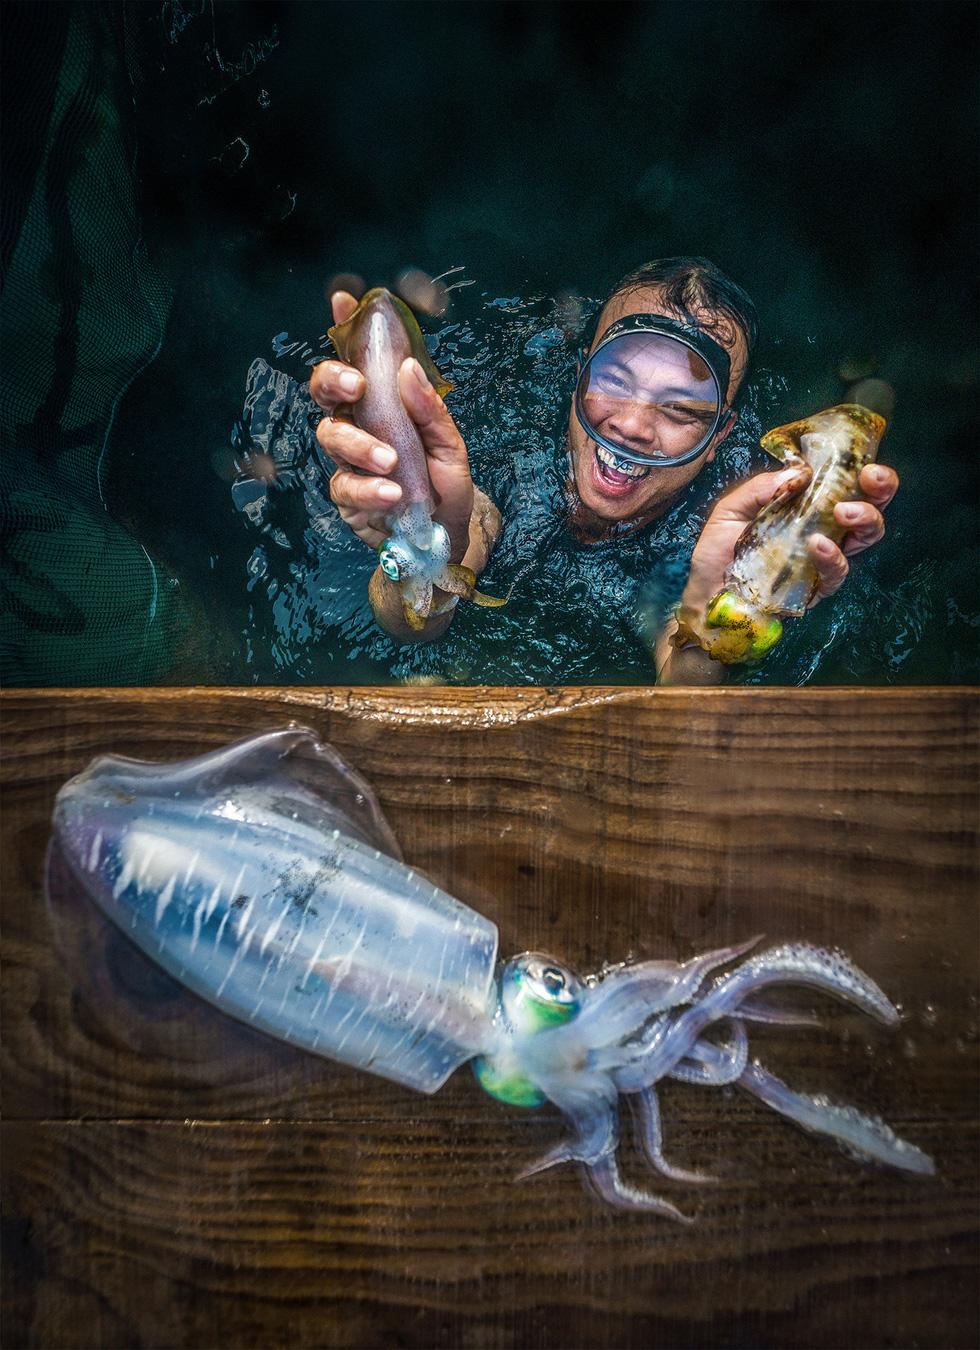 Ảnh về cuộc chiến chống COVID-19 đại thắng tại cuộc thi ảnh nghệ thuật Việt Nam 2020 - Ảnh 11.